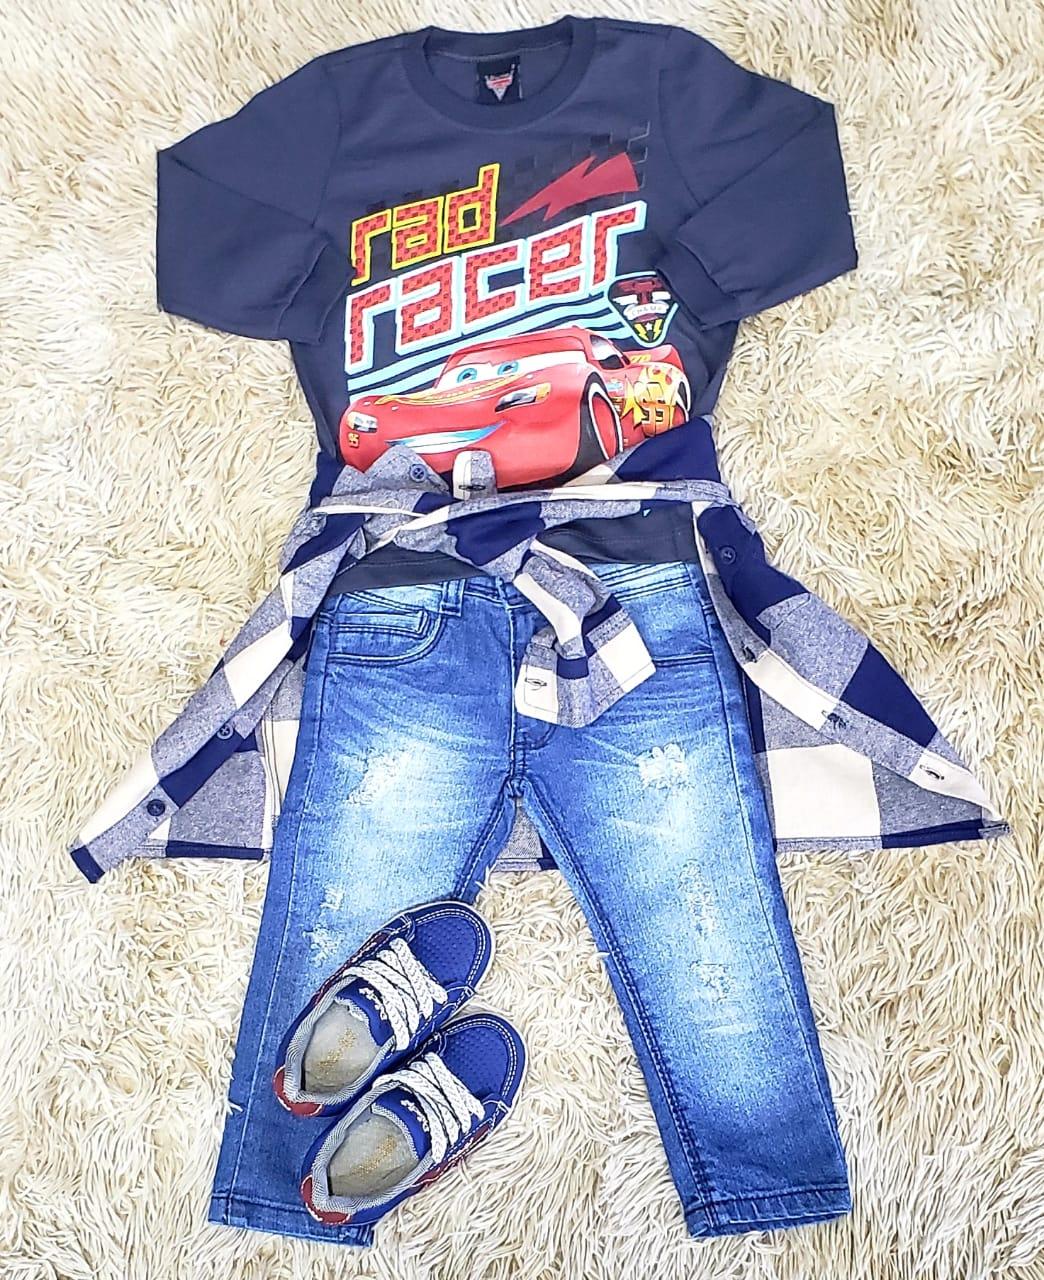 Calça Jeans com Camiseta Carros e Camisa Xadrez